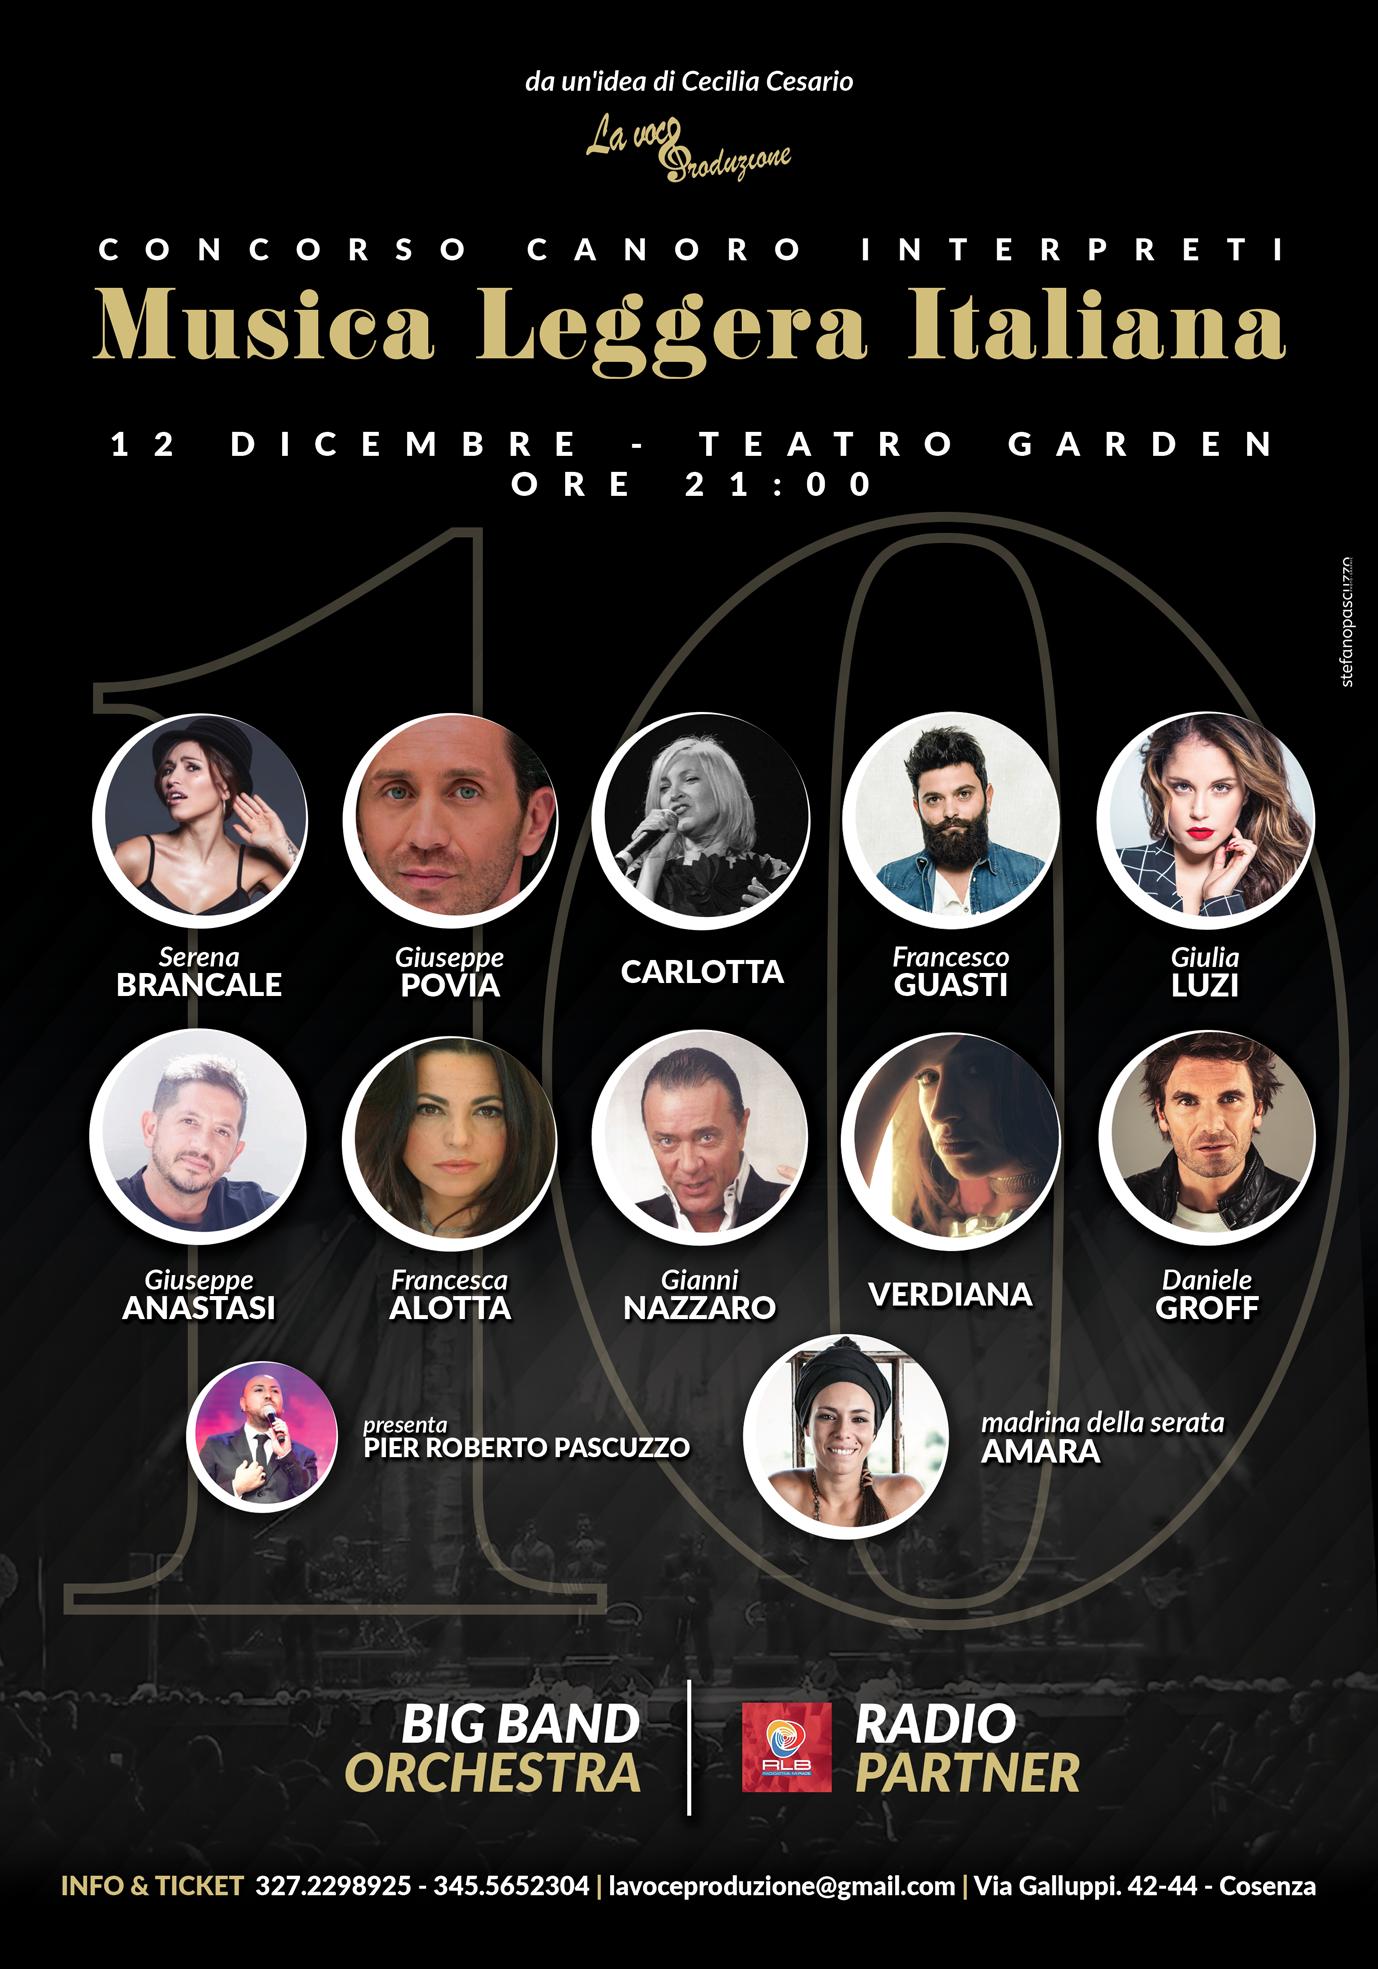 Concorso Canoro Interpreti Musica Leggera italiana